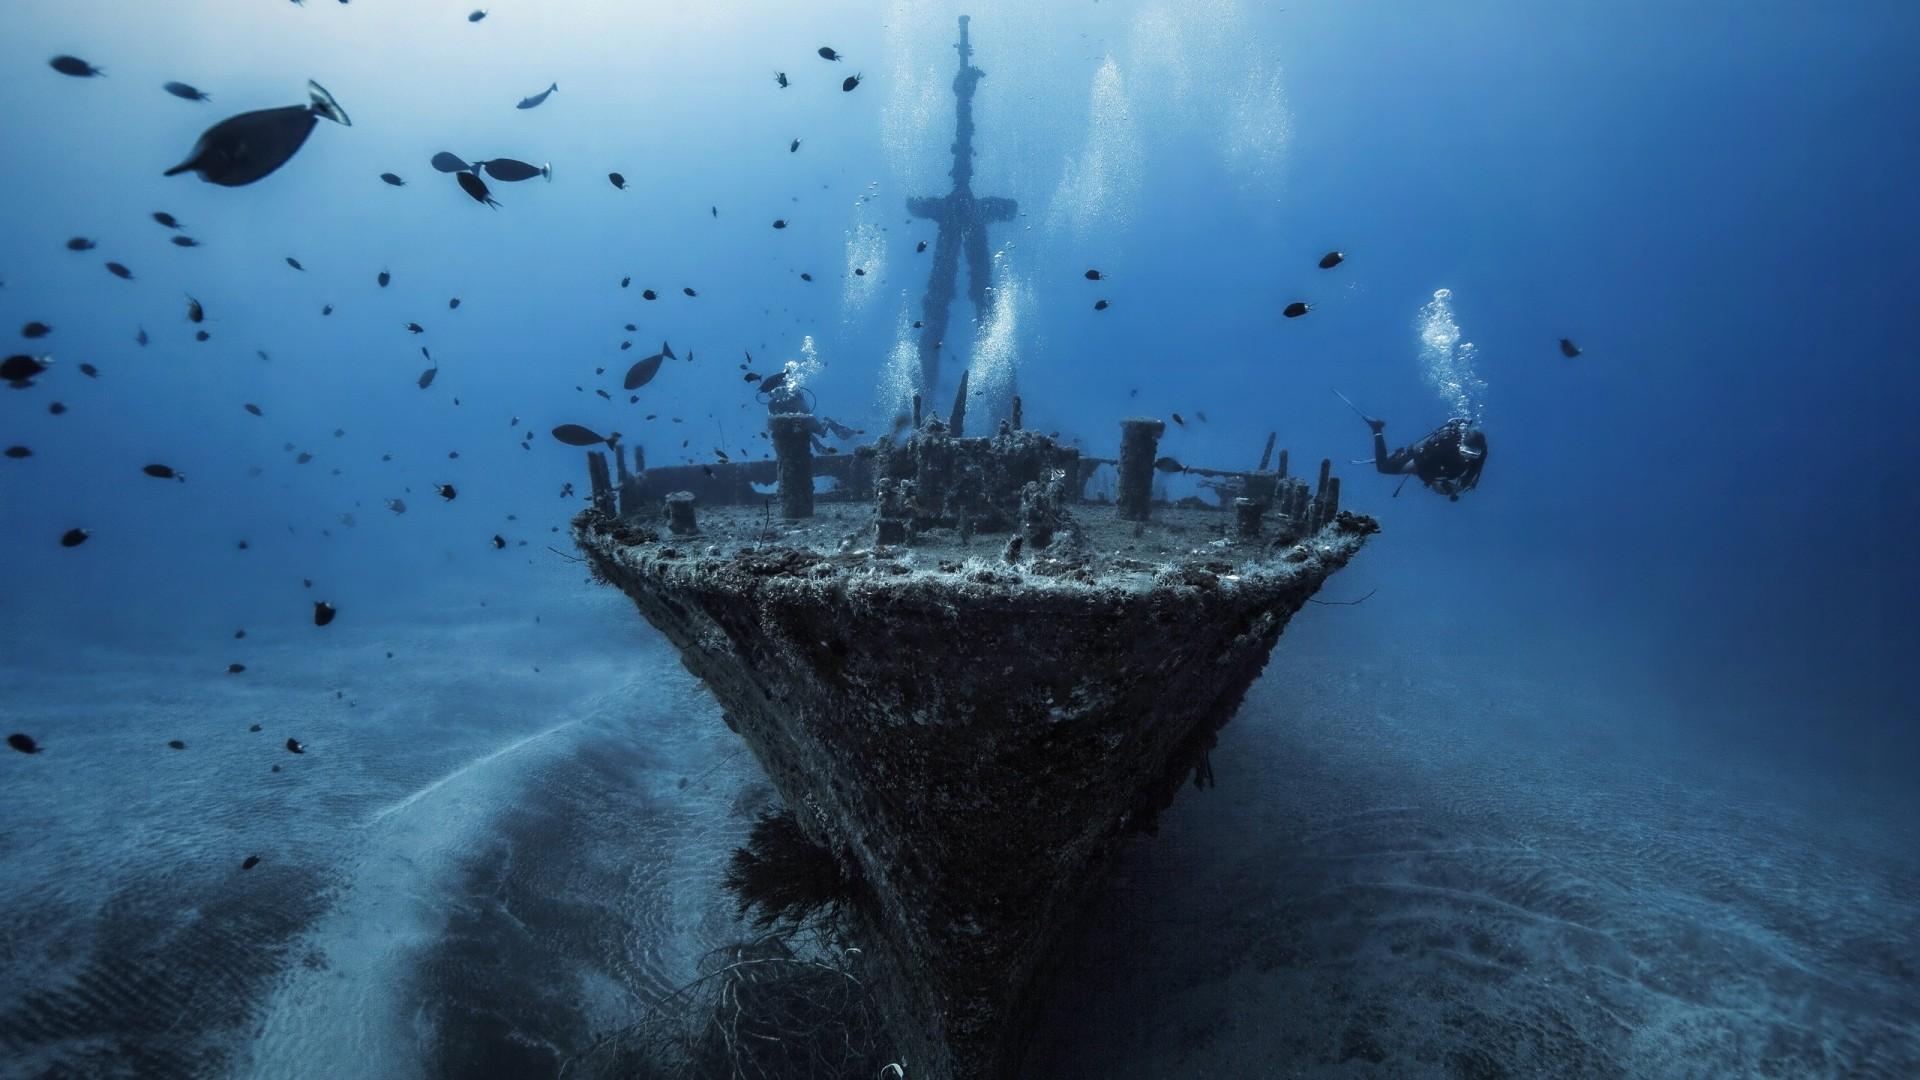 Затонувший корабль картинки на рабочий стол